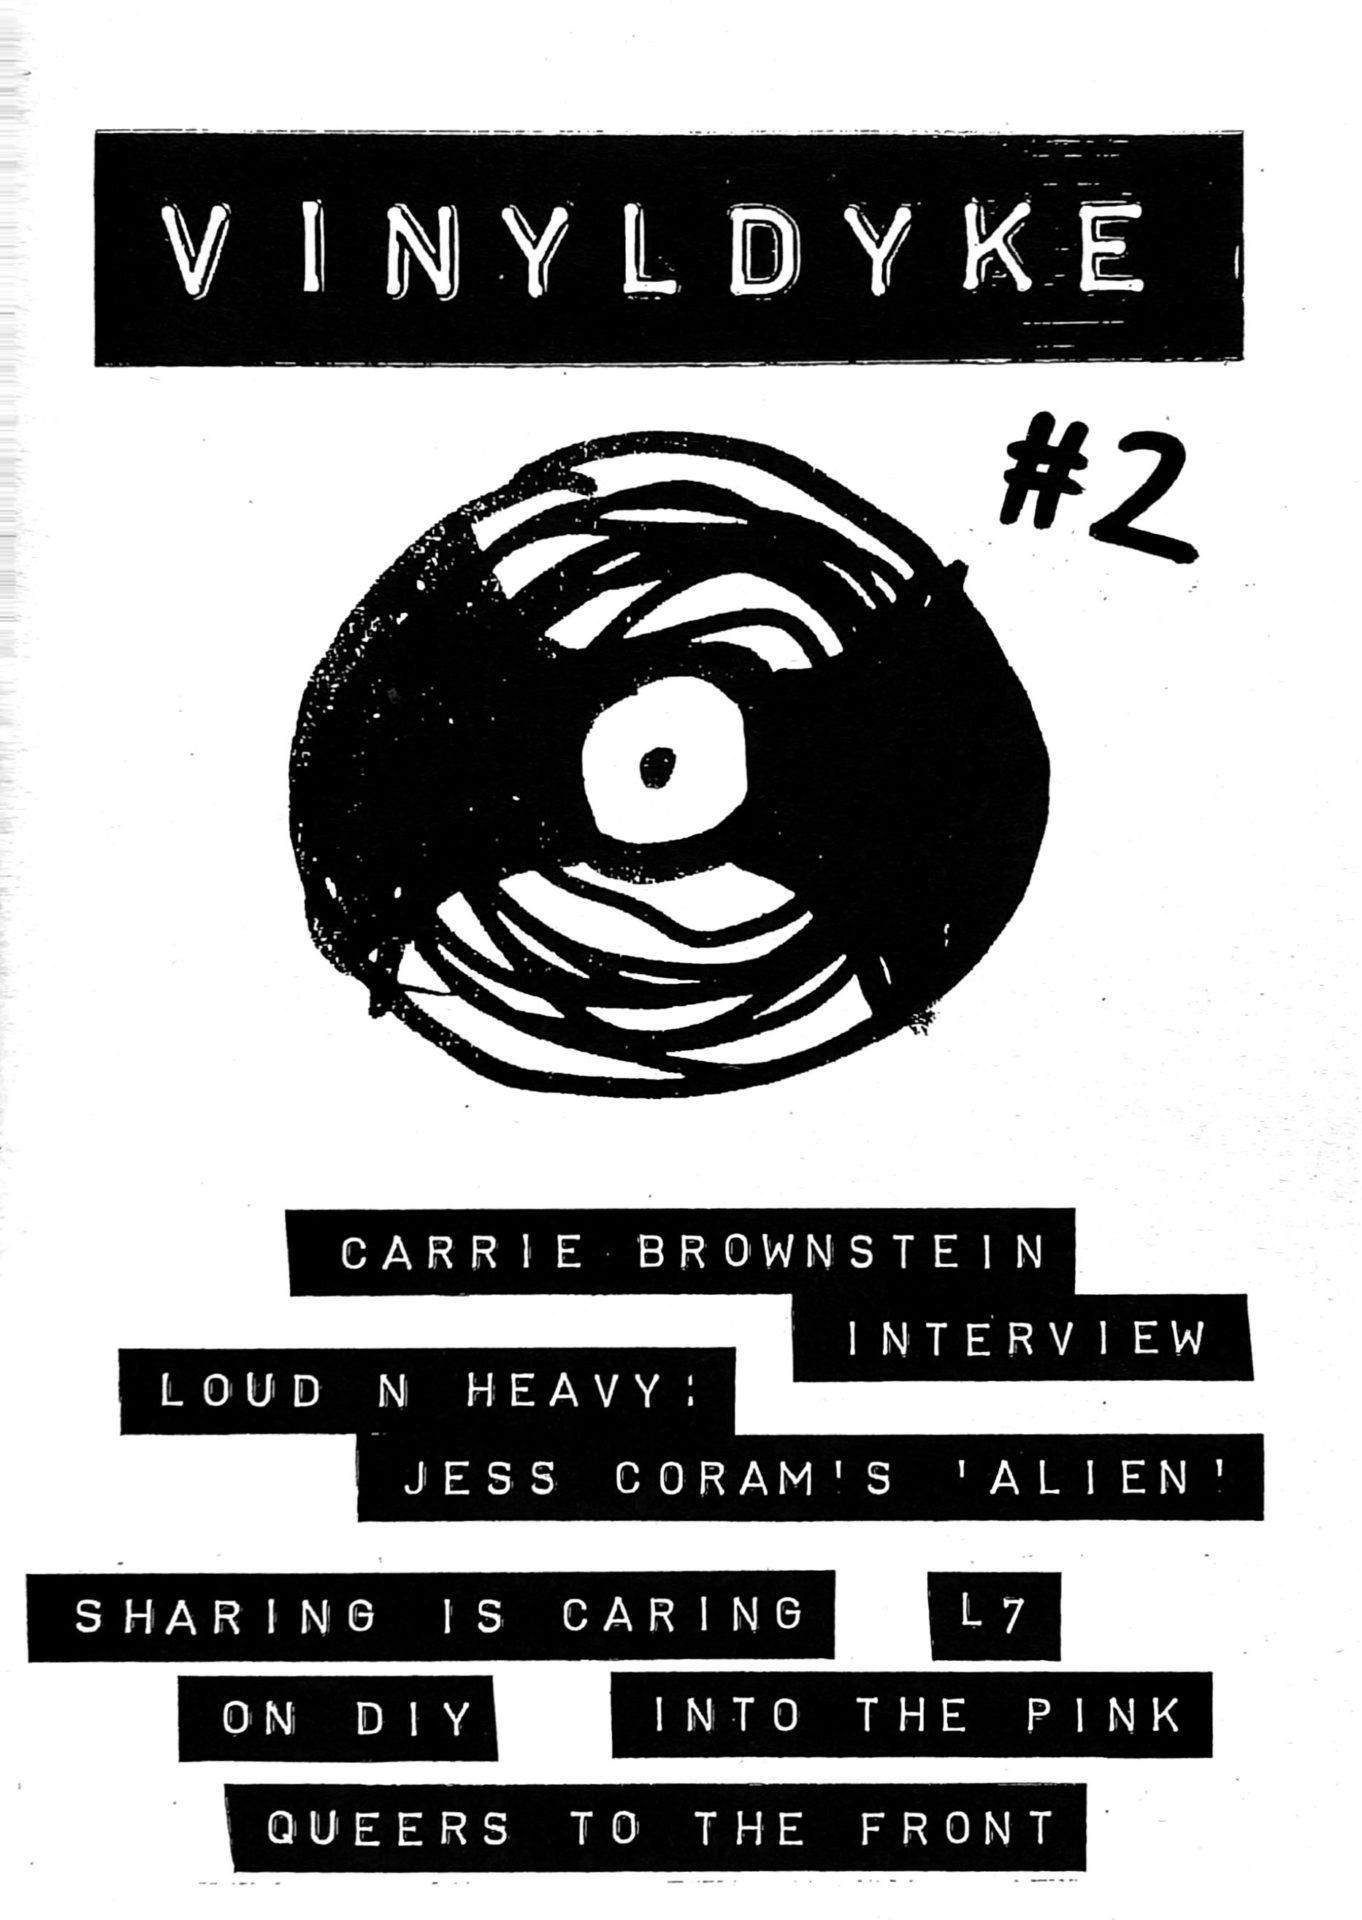 Frauen im Musikbusiness - Evelyn vom Vinyldyke Zine und der Band Passionless Pointless 1